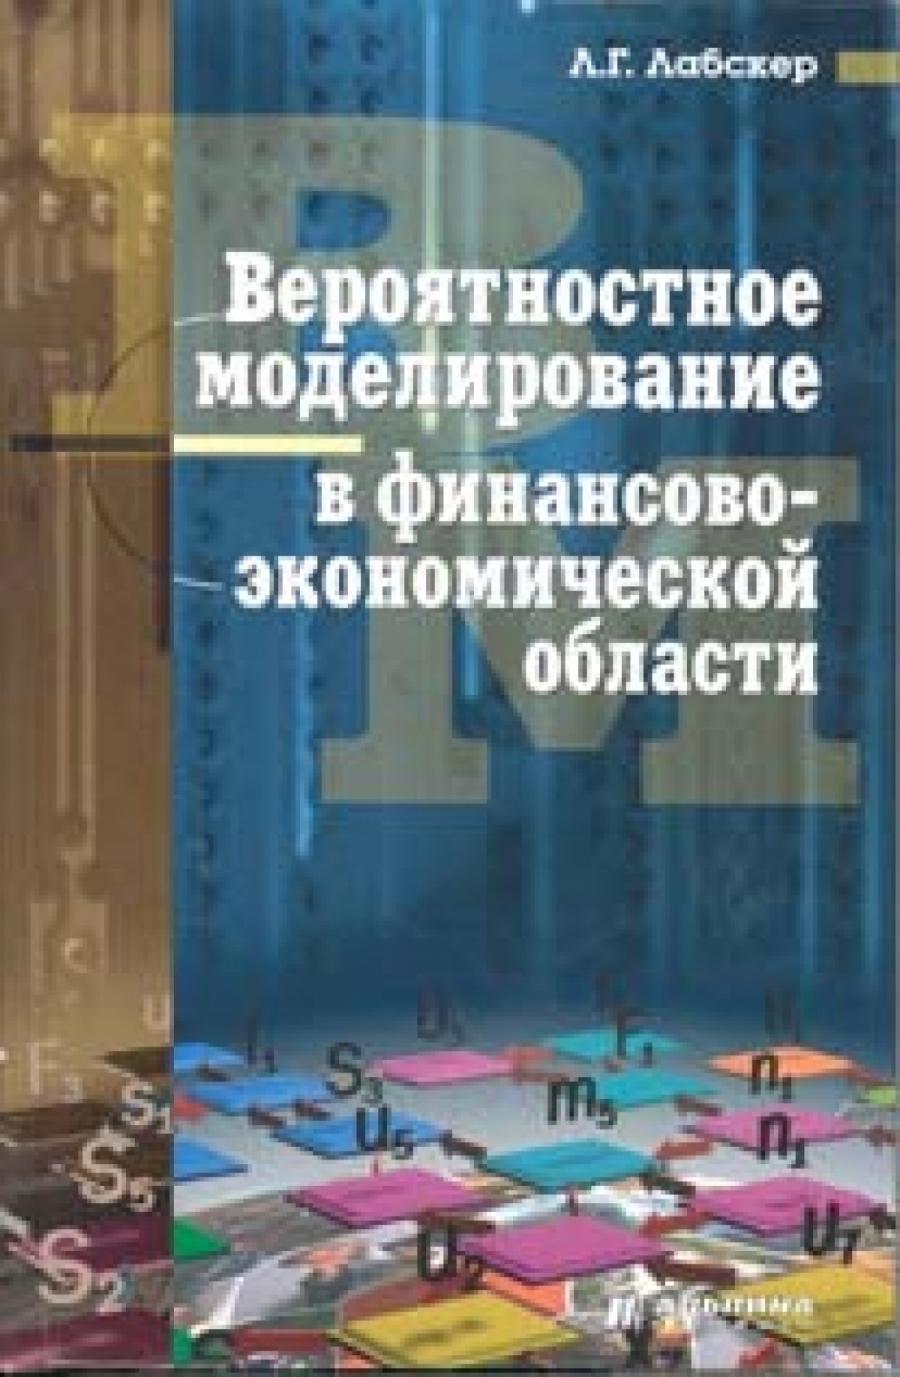 Обложка книги:  лабскер л. г. - вероятностное моделирование в финансово-экономической области